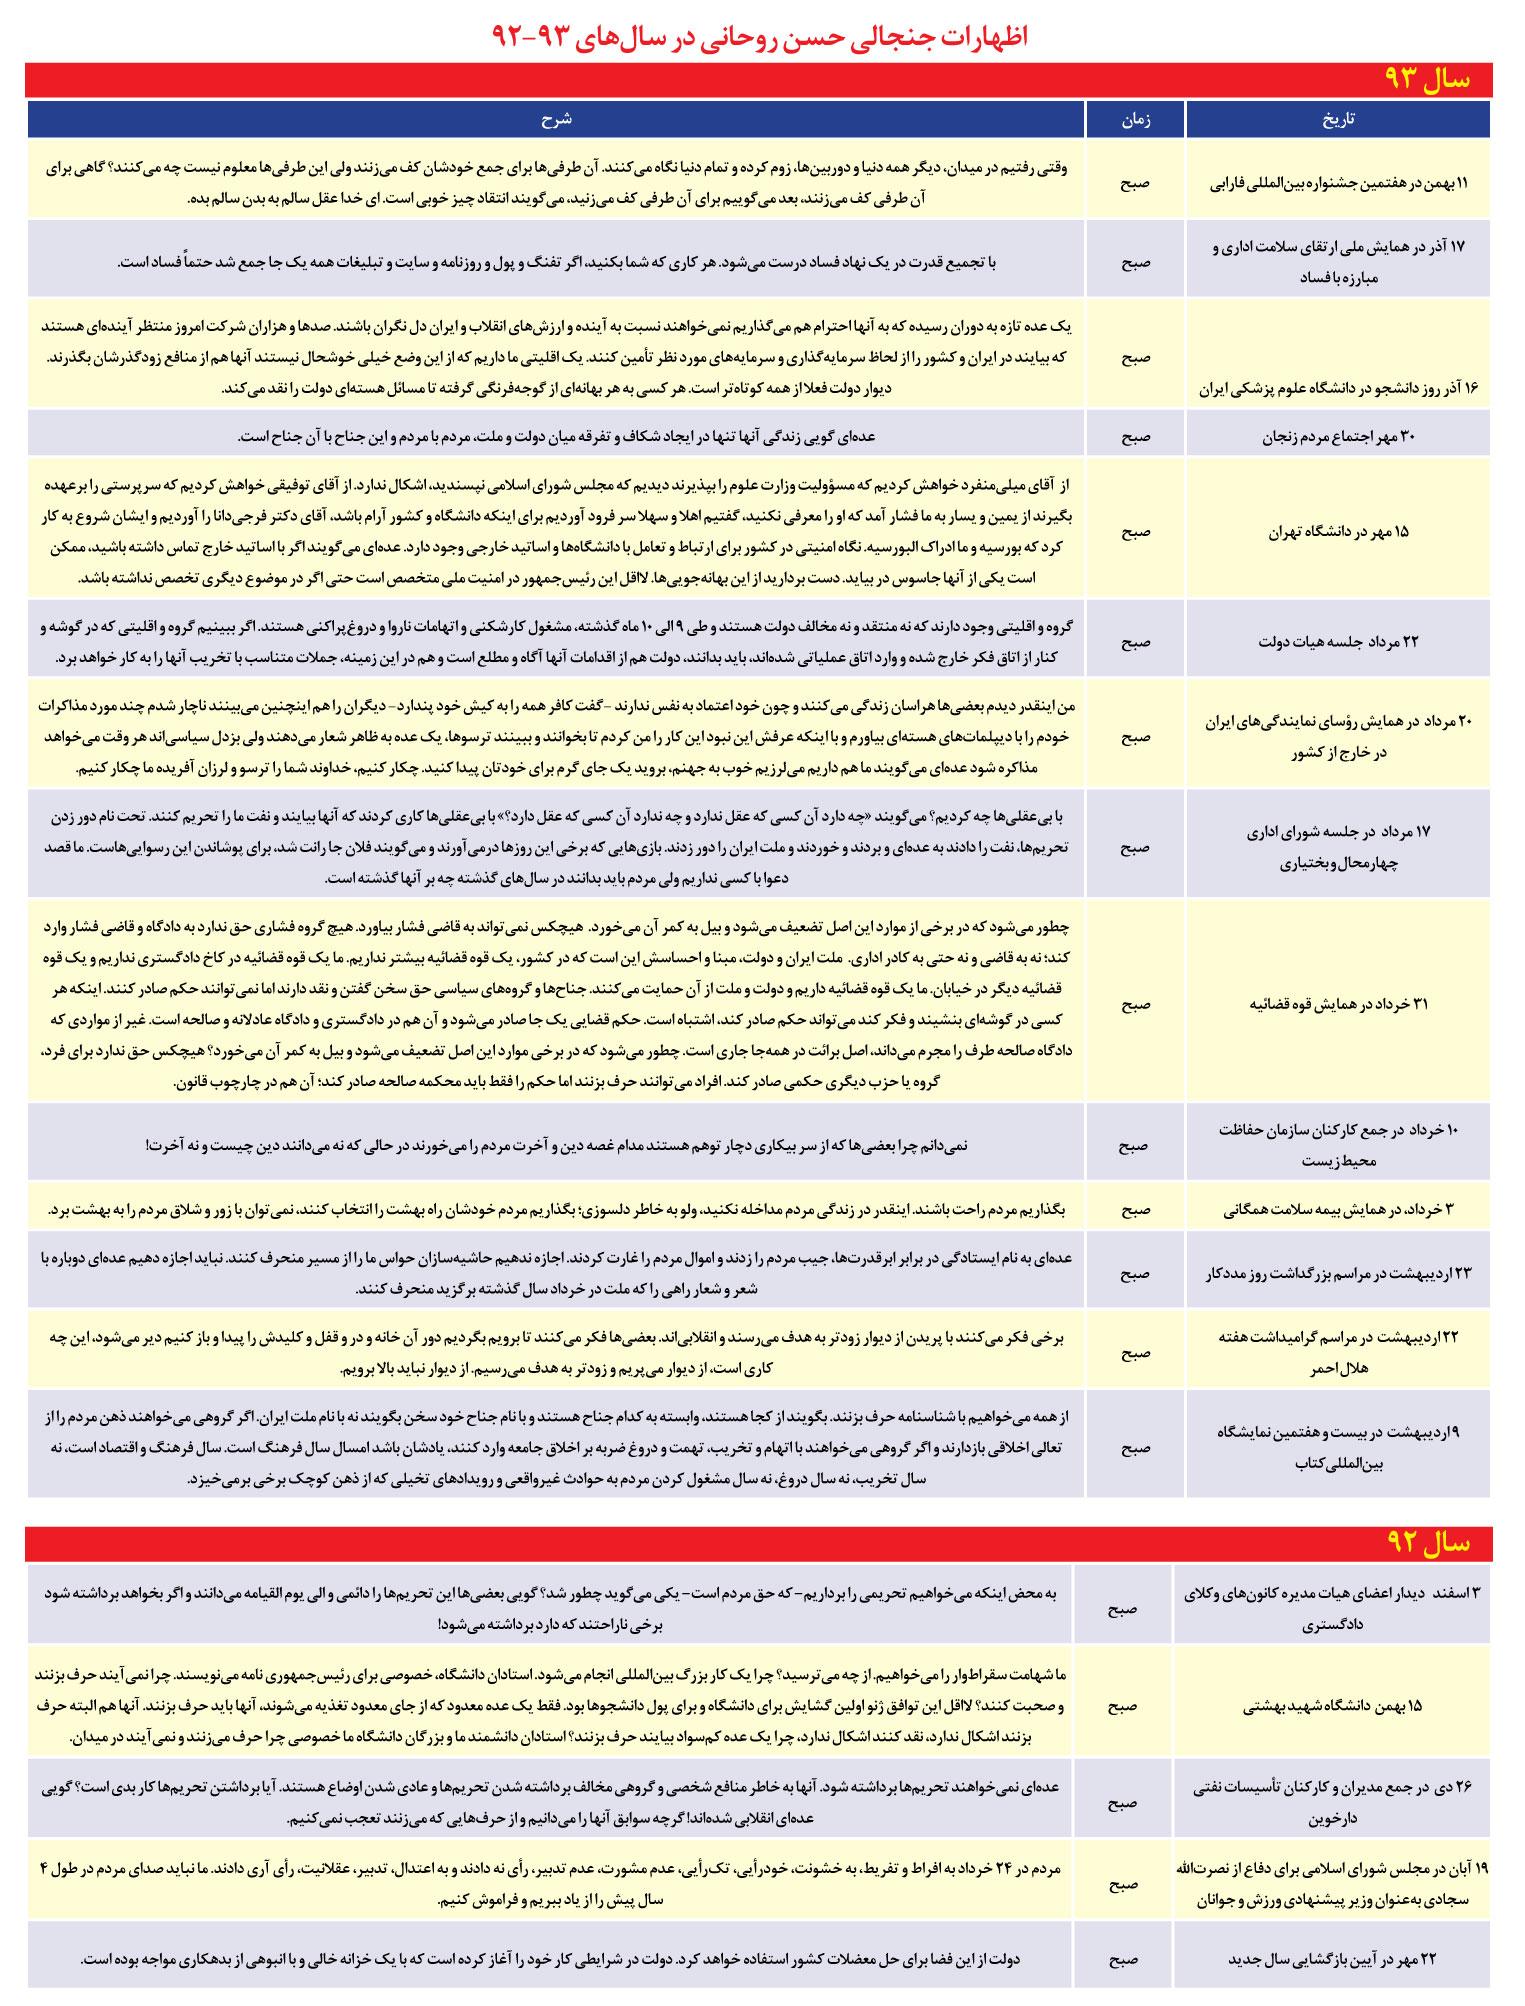 جدول اظهارات جنجالی روحانی در سخنرانیهای صبح